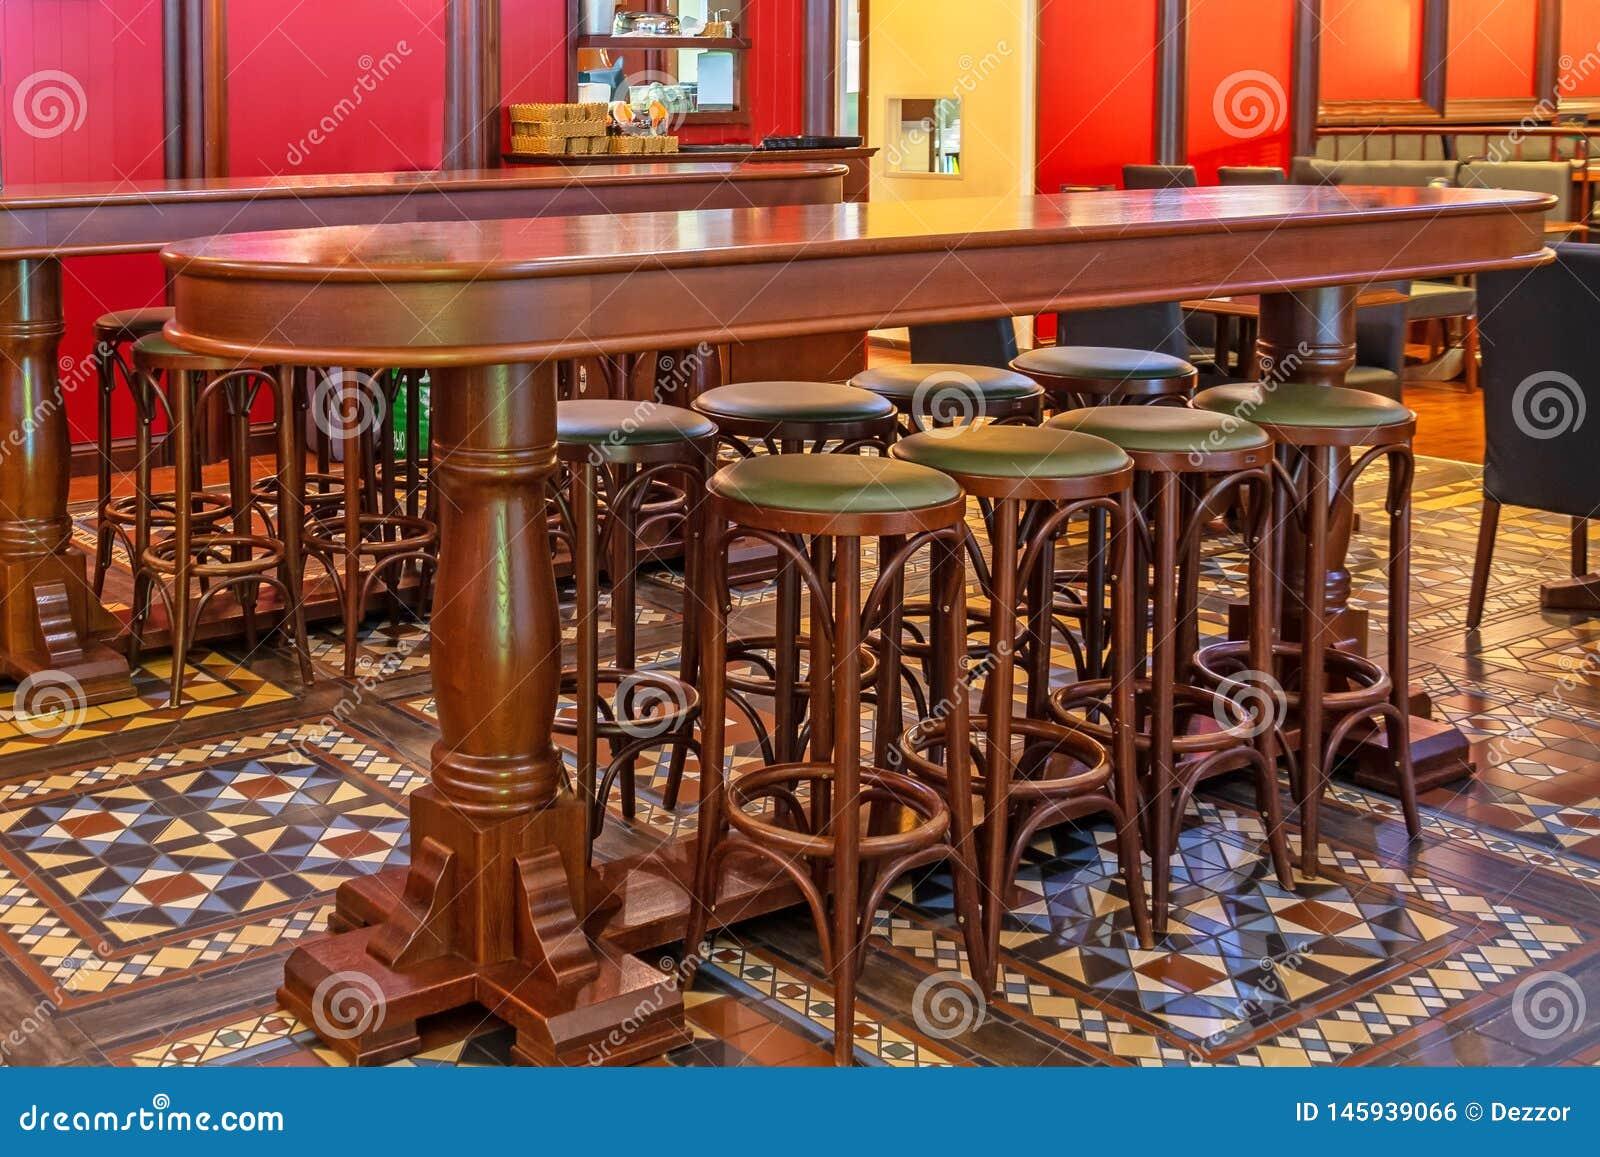 Fileira de cadeiras altas de madeira em uma barra na frente de uma tabela em um bar